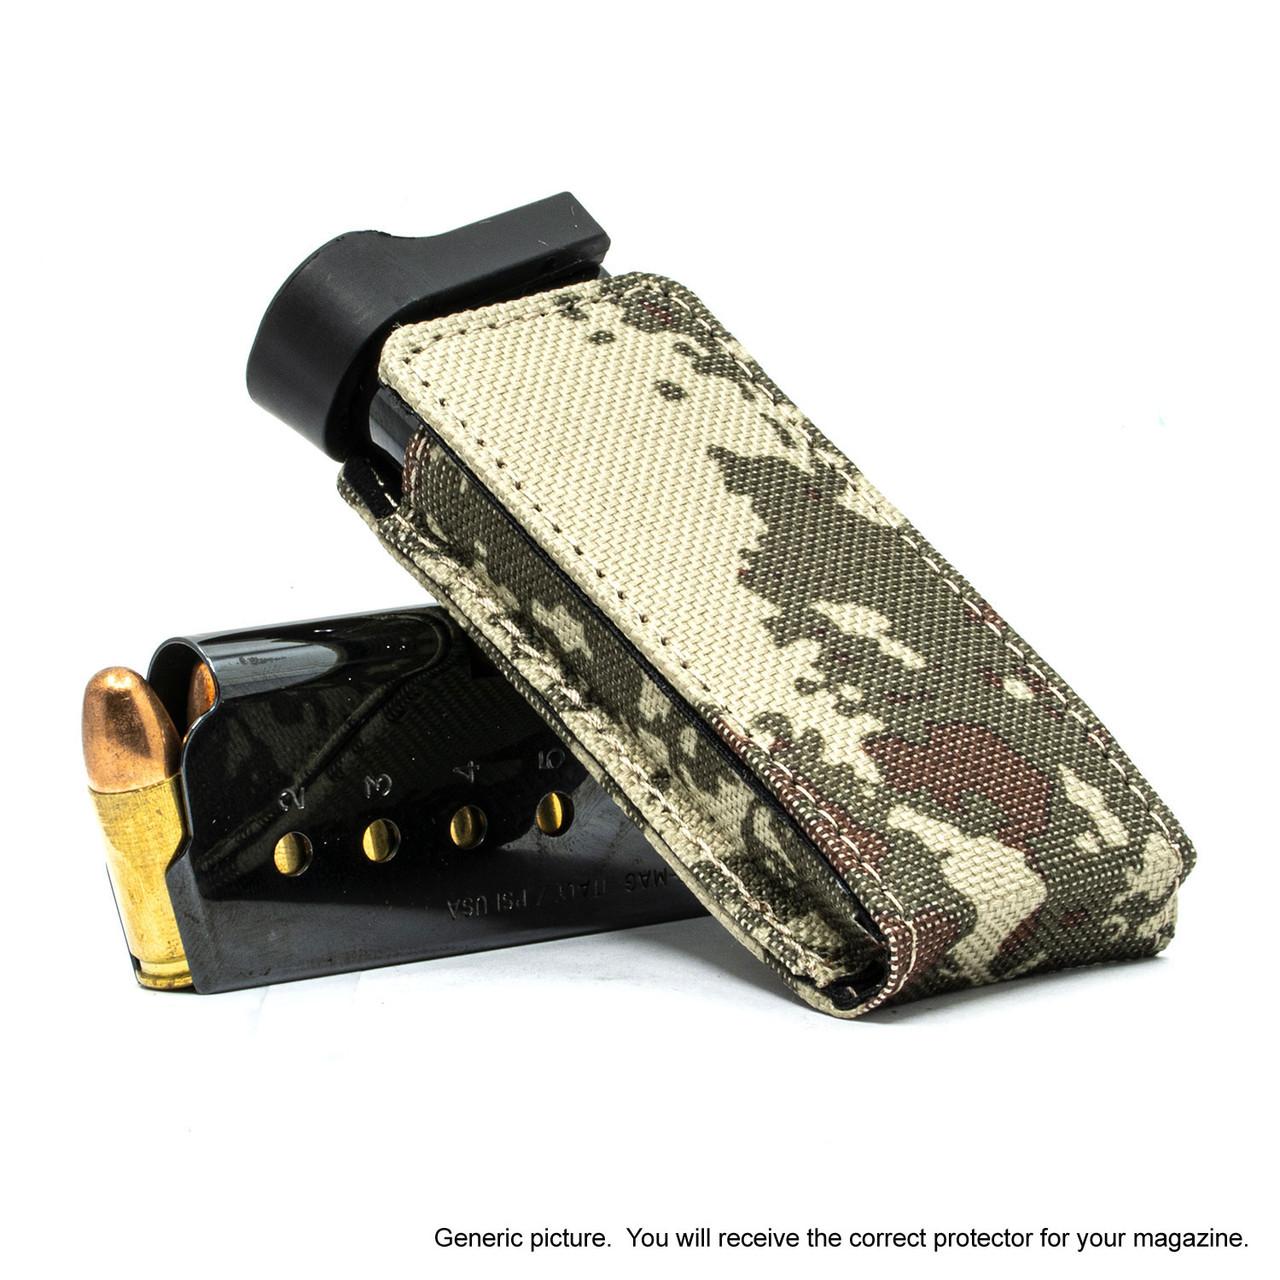 Glock 26 Camouflage Nylon Magazine Pocket Protector